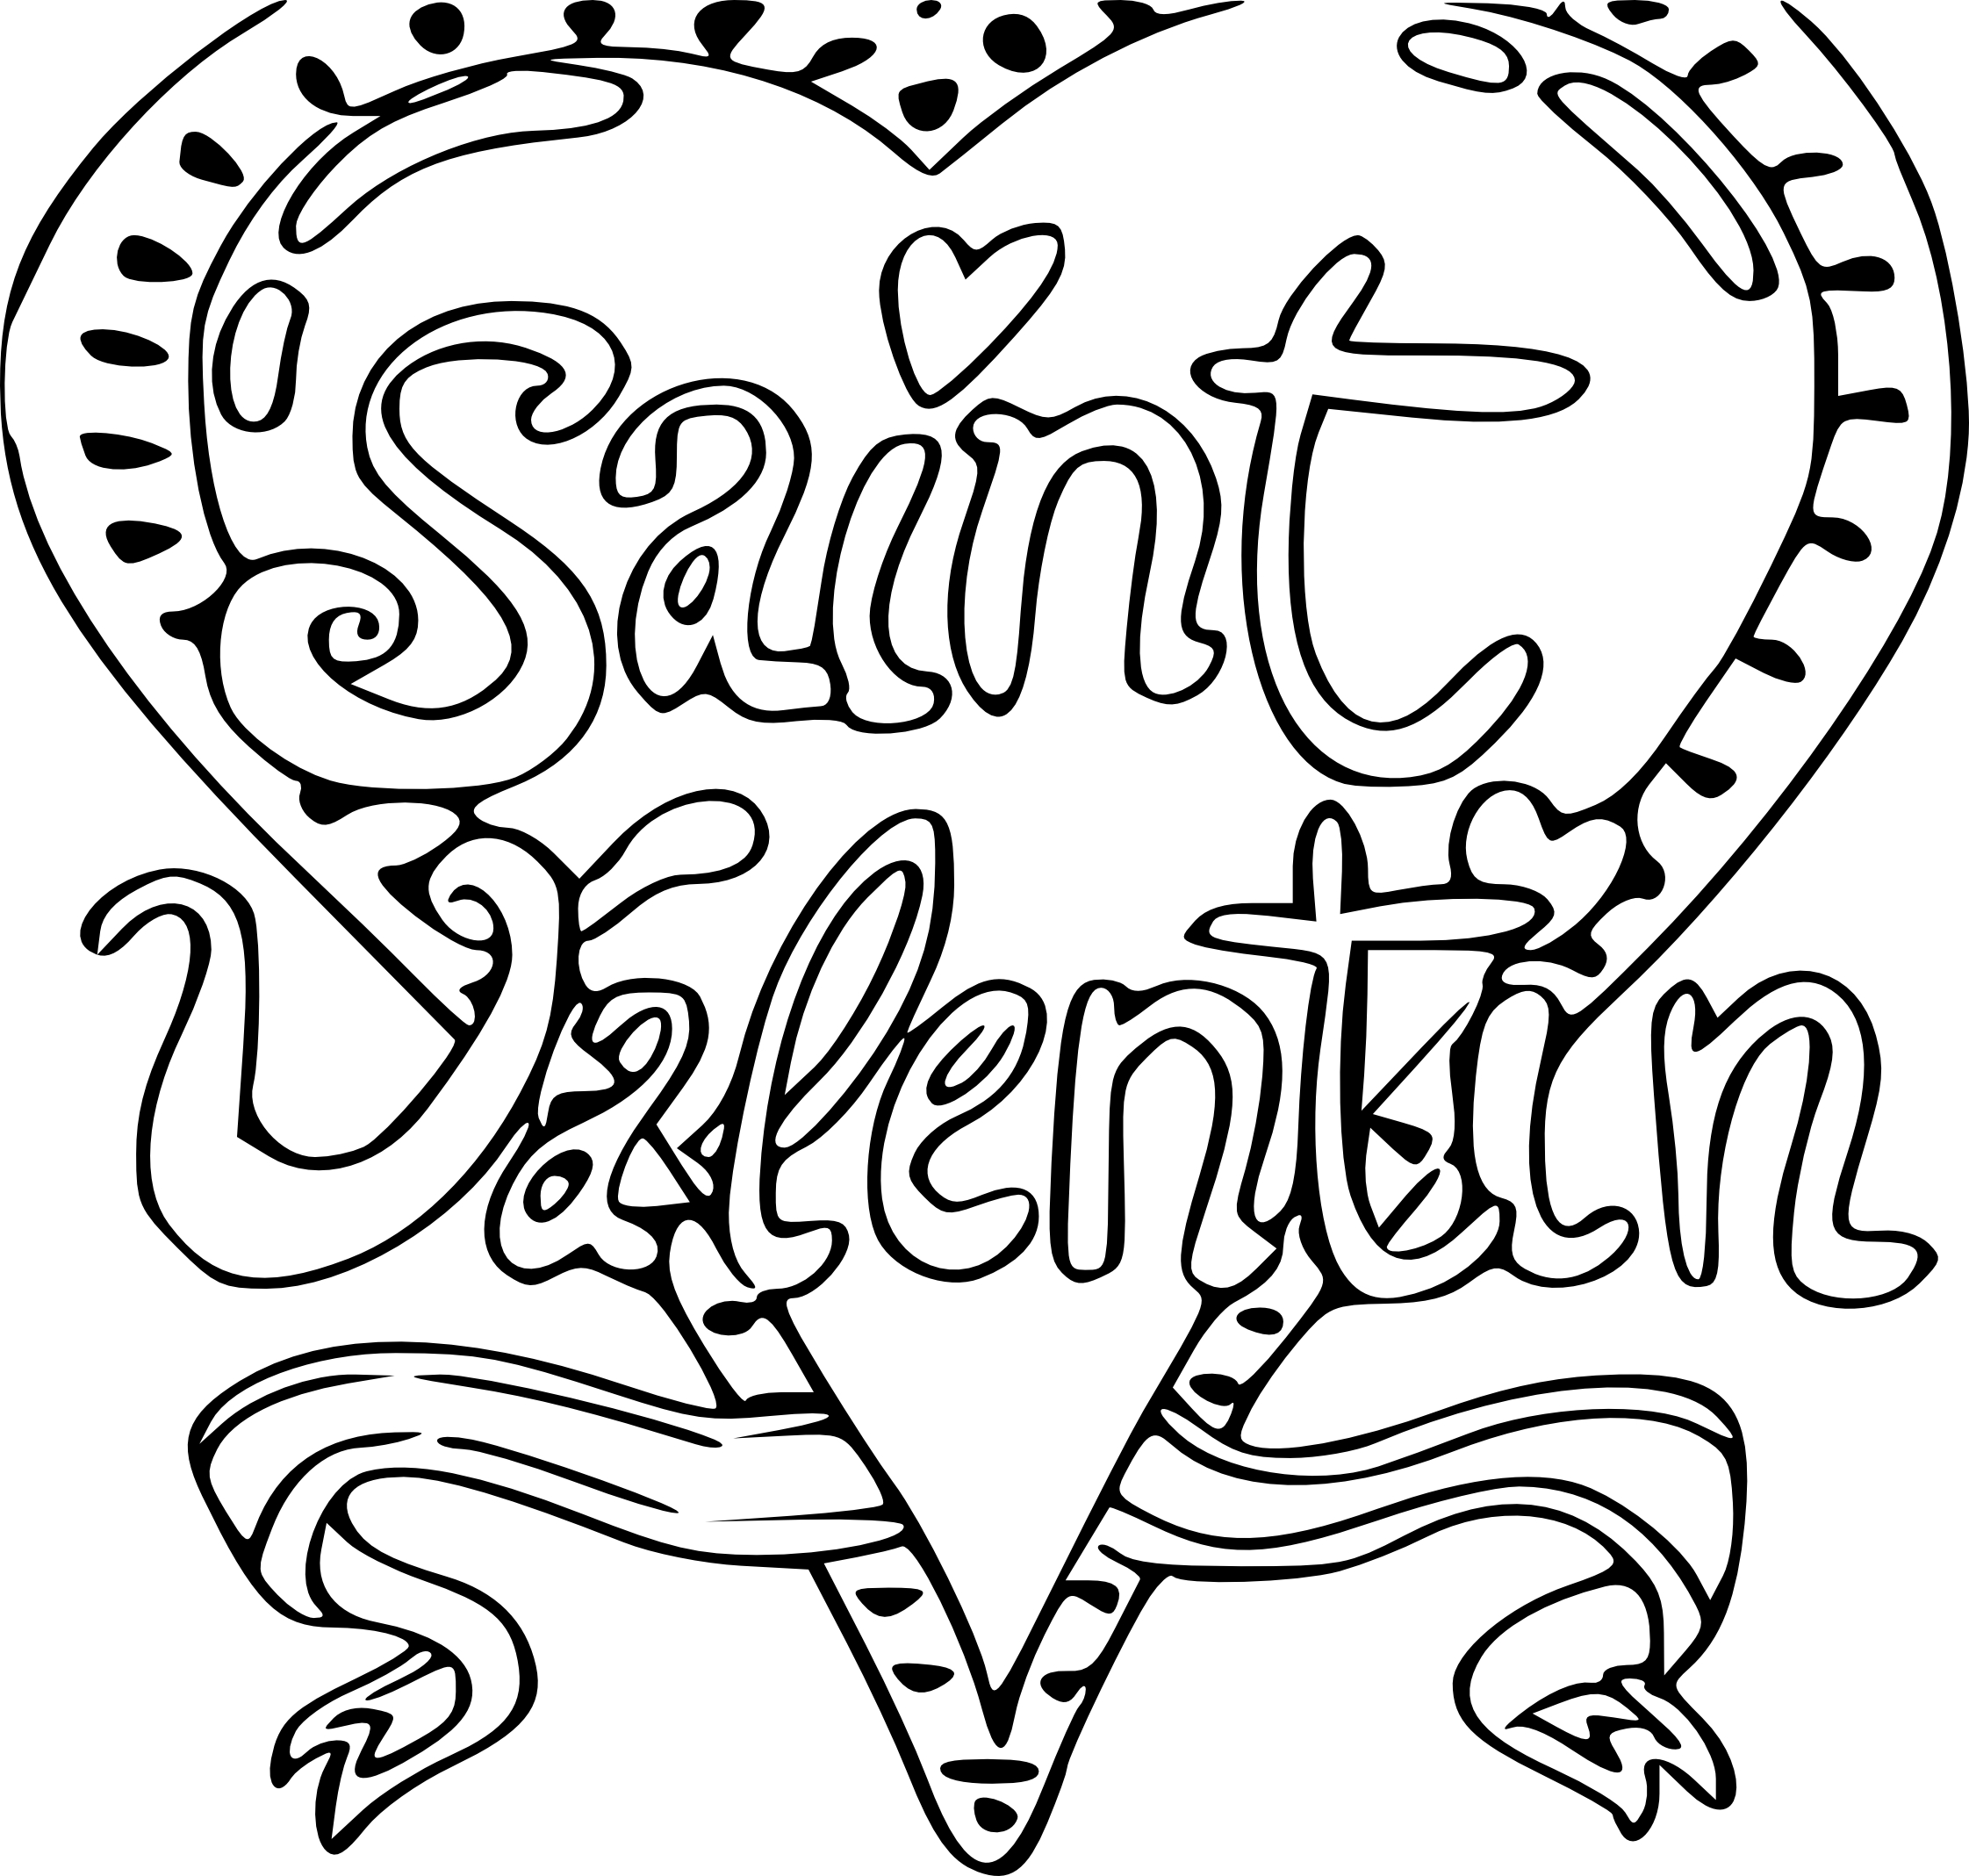 Coloriage saint valentin imprimer - Dessin de saint valentin ...